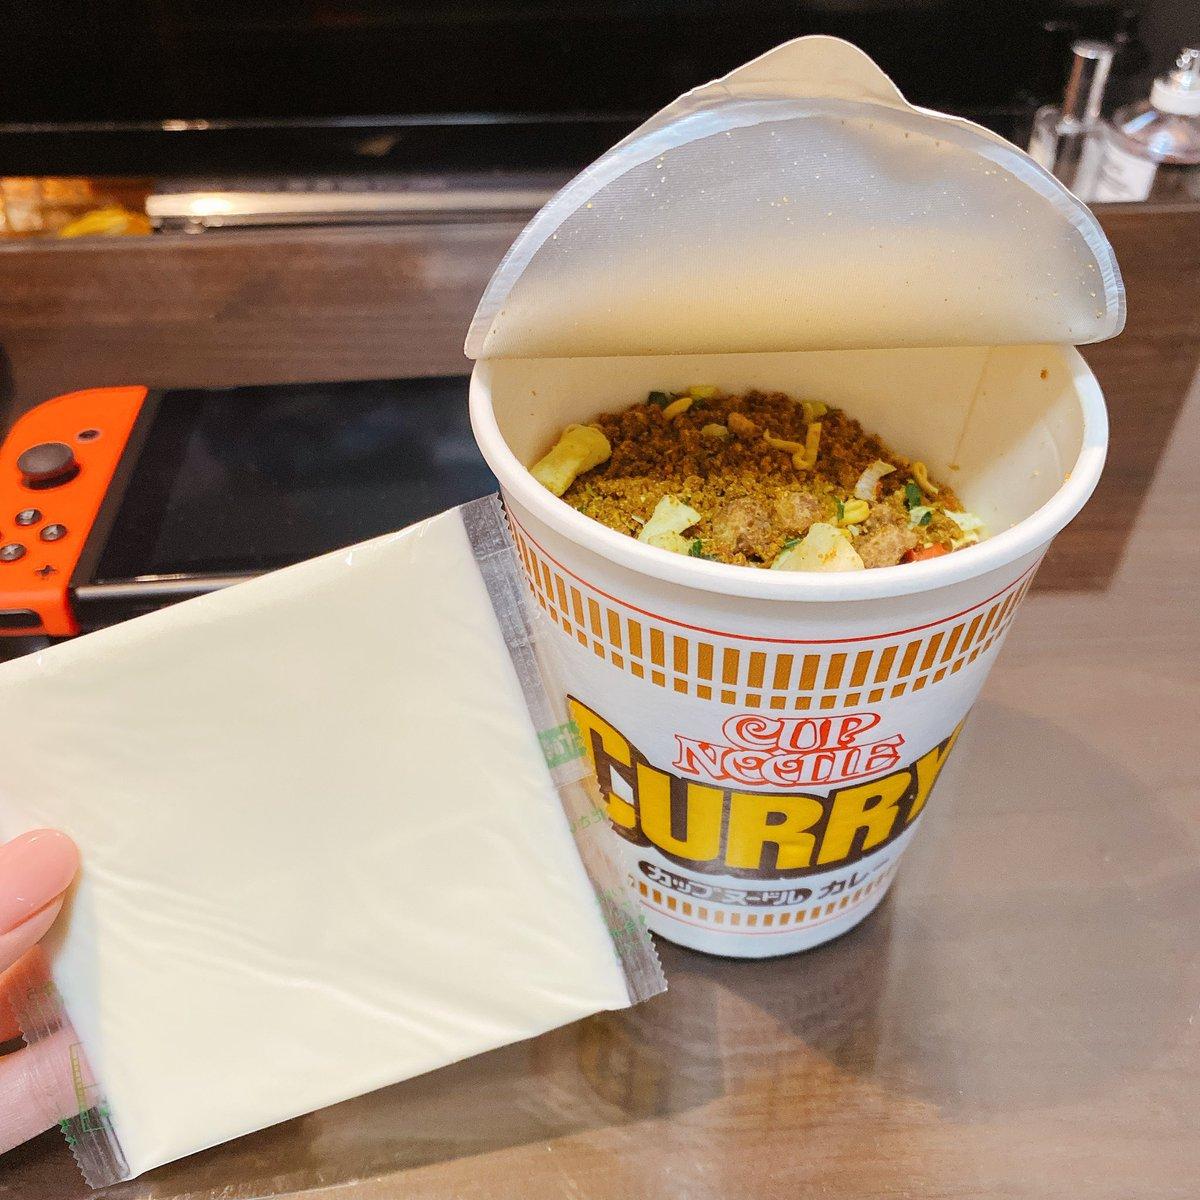 私は罪深い人間なので、カップヌードルカレー味にスライスチーズを足すという禁忌を犯します